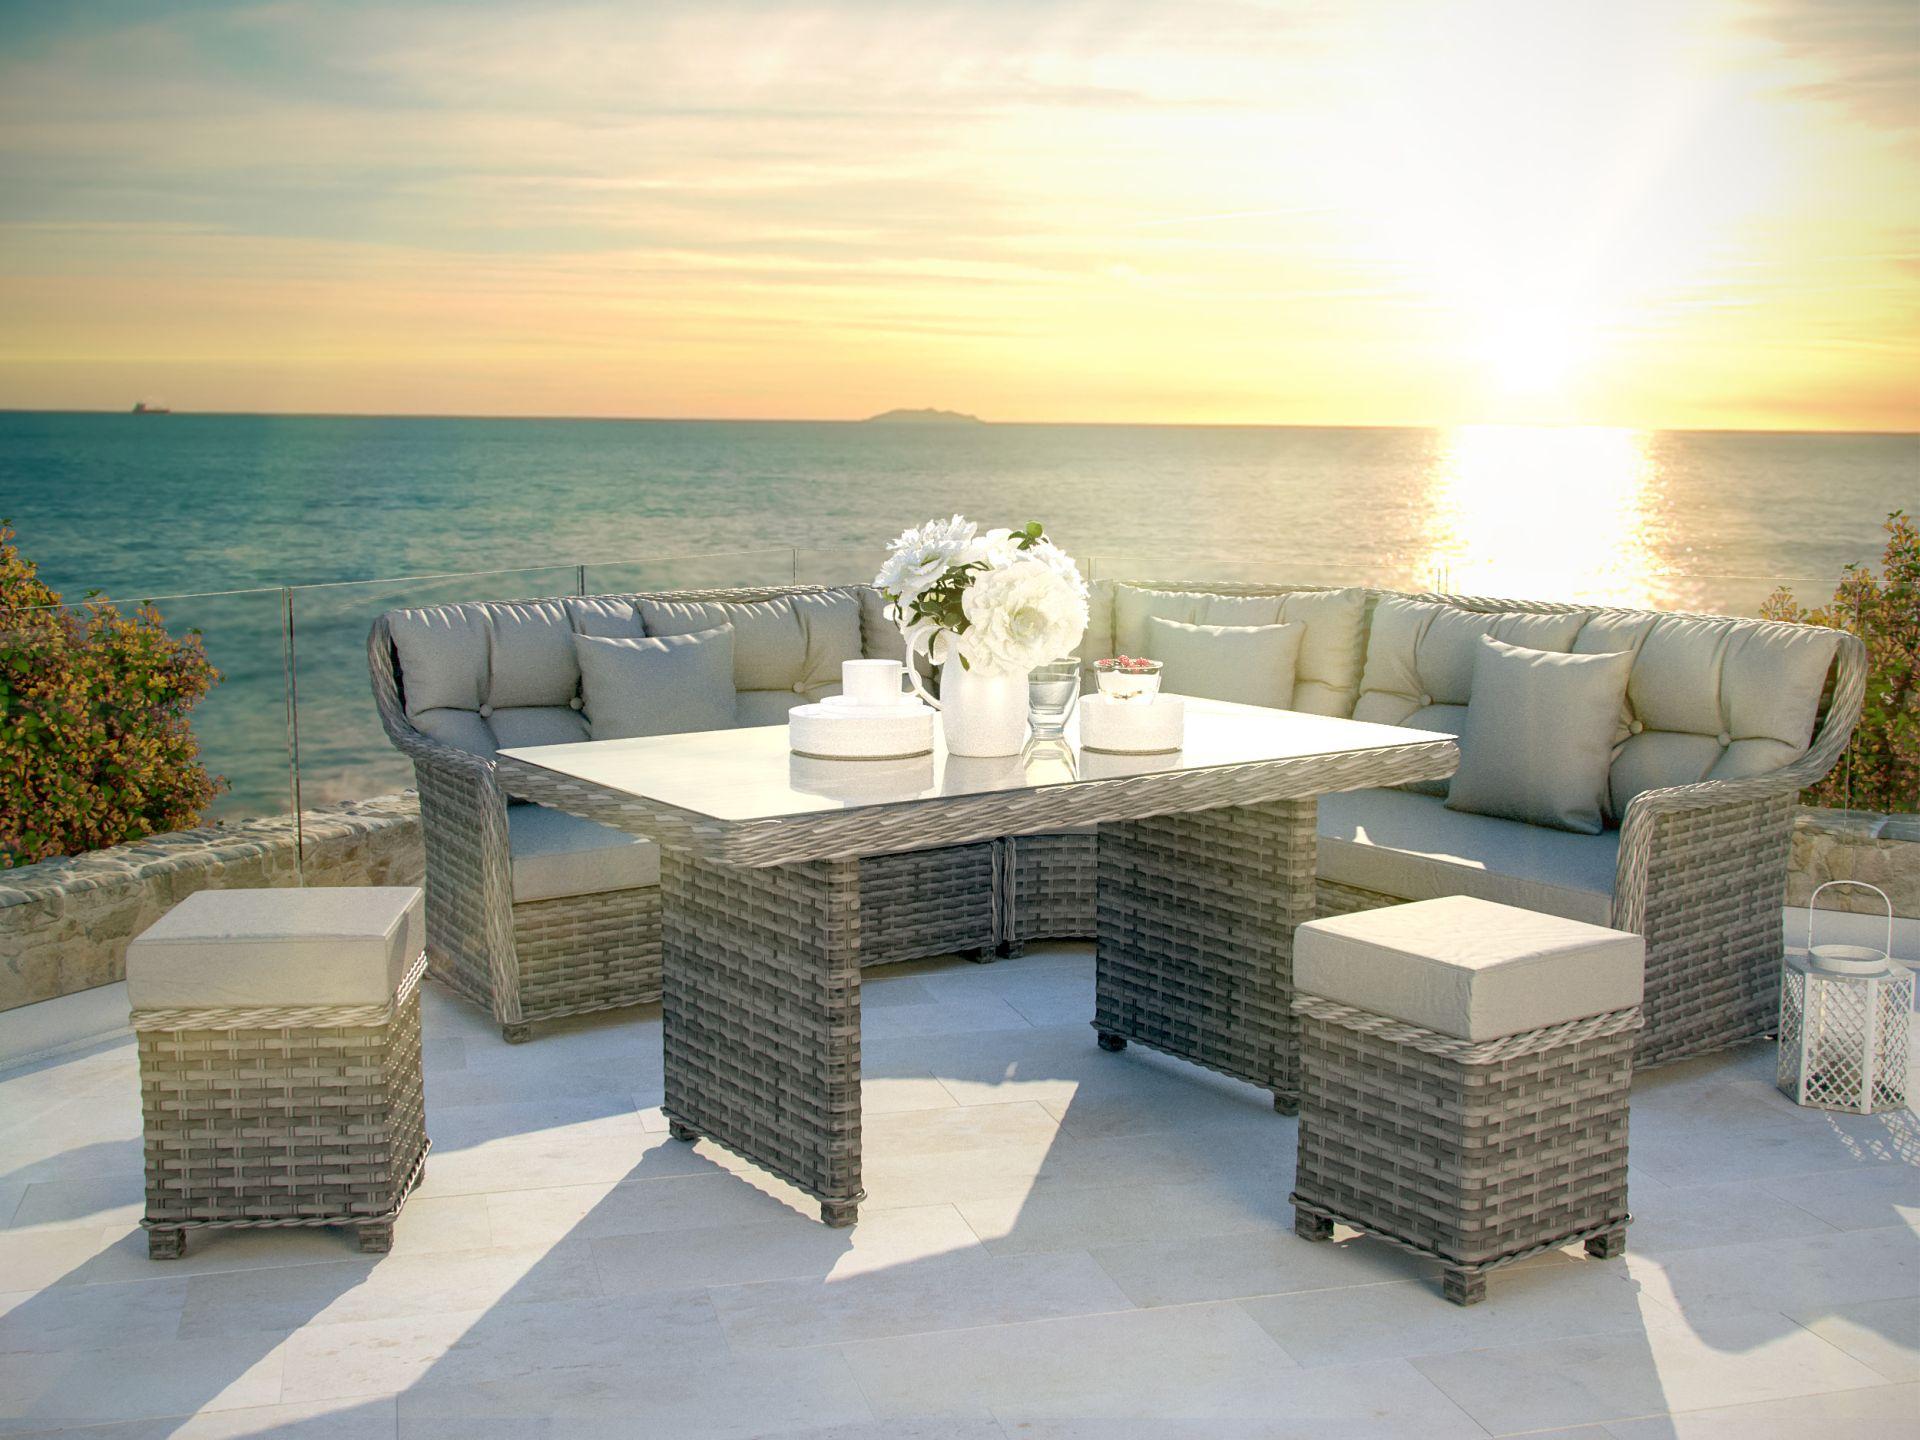 ideen : lounge gartenmobel mit esstisch haus design ideen mit ...